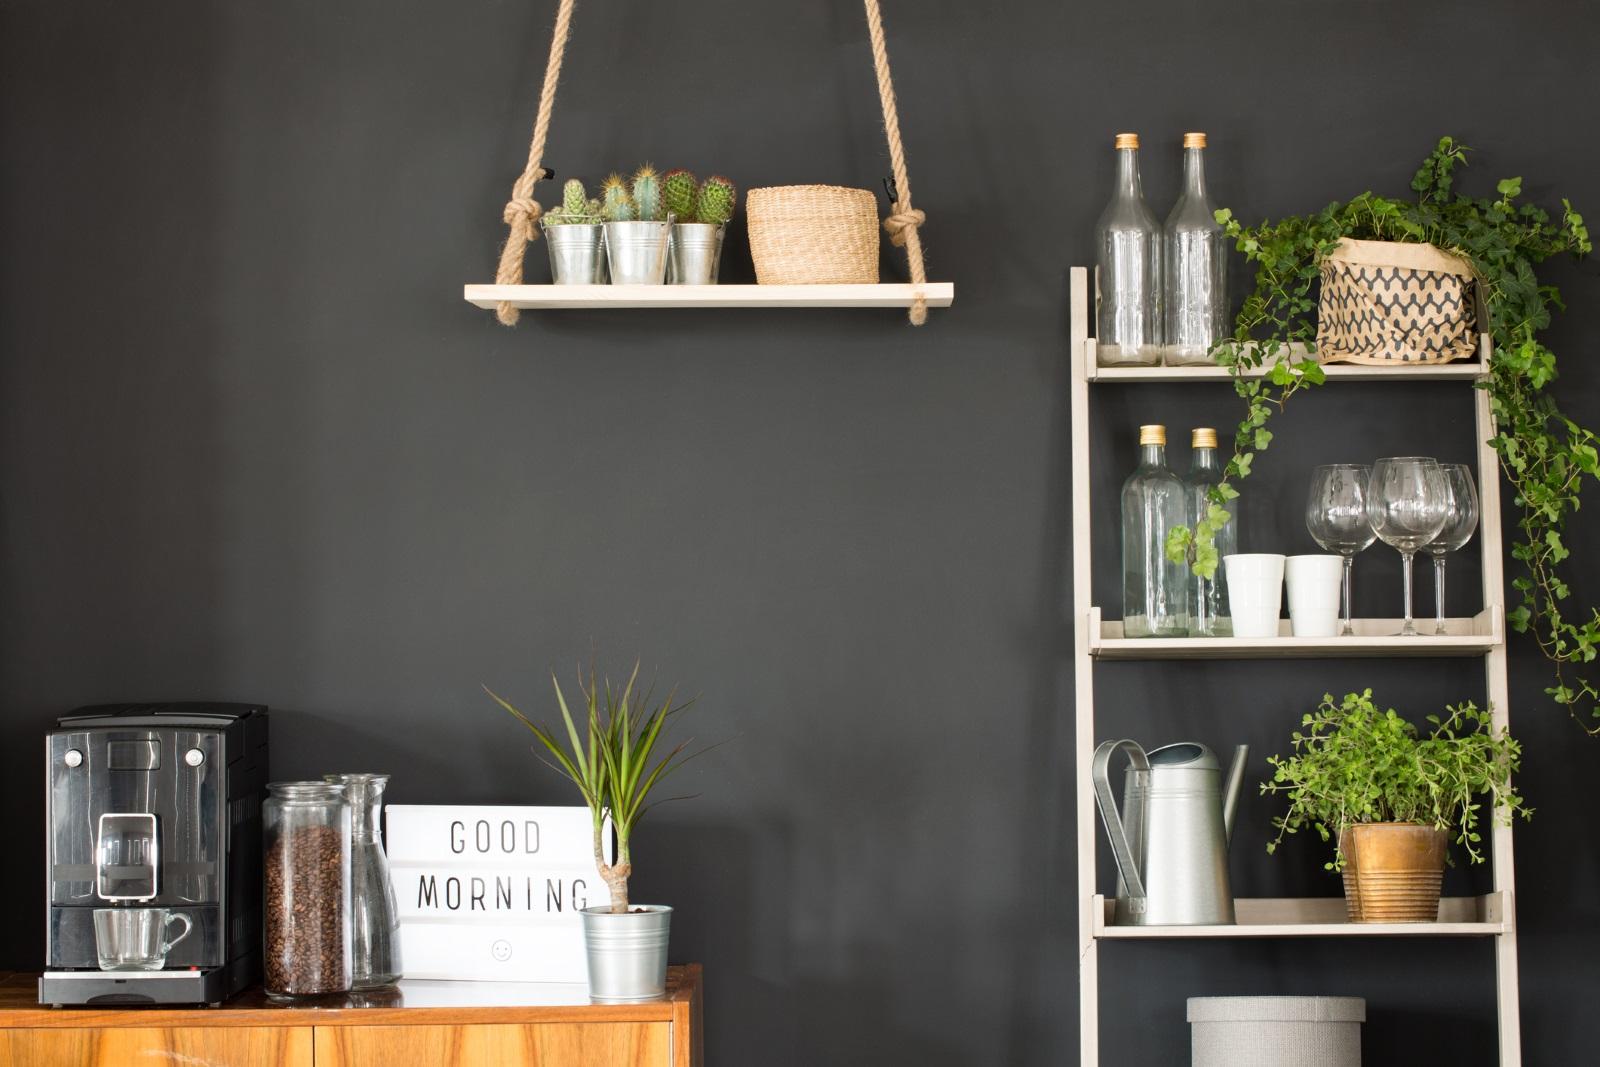 <p>За да не прекалите с декорациите, изберете малки, но стилни украшения, които да сложите в ъглите на кухненските рафтове. Целта е те да допълват атмосферата, а не да я запълват. Изберете стикери и снимки със забавни и вдъхновяващи надписи, за да се усмихвате всяка сутрин още преди да сте изпили&nbsp;кафето си!</p>